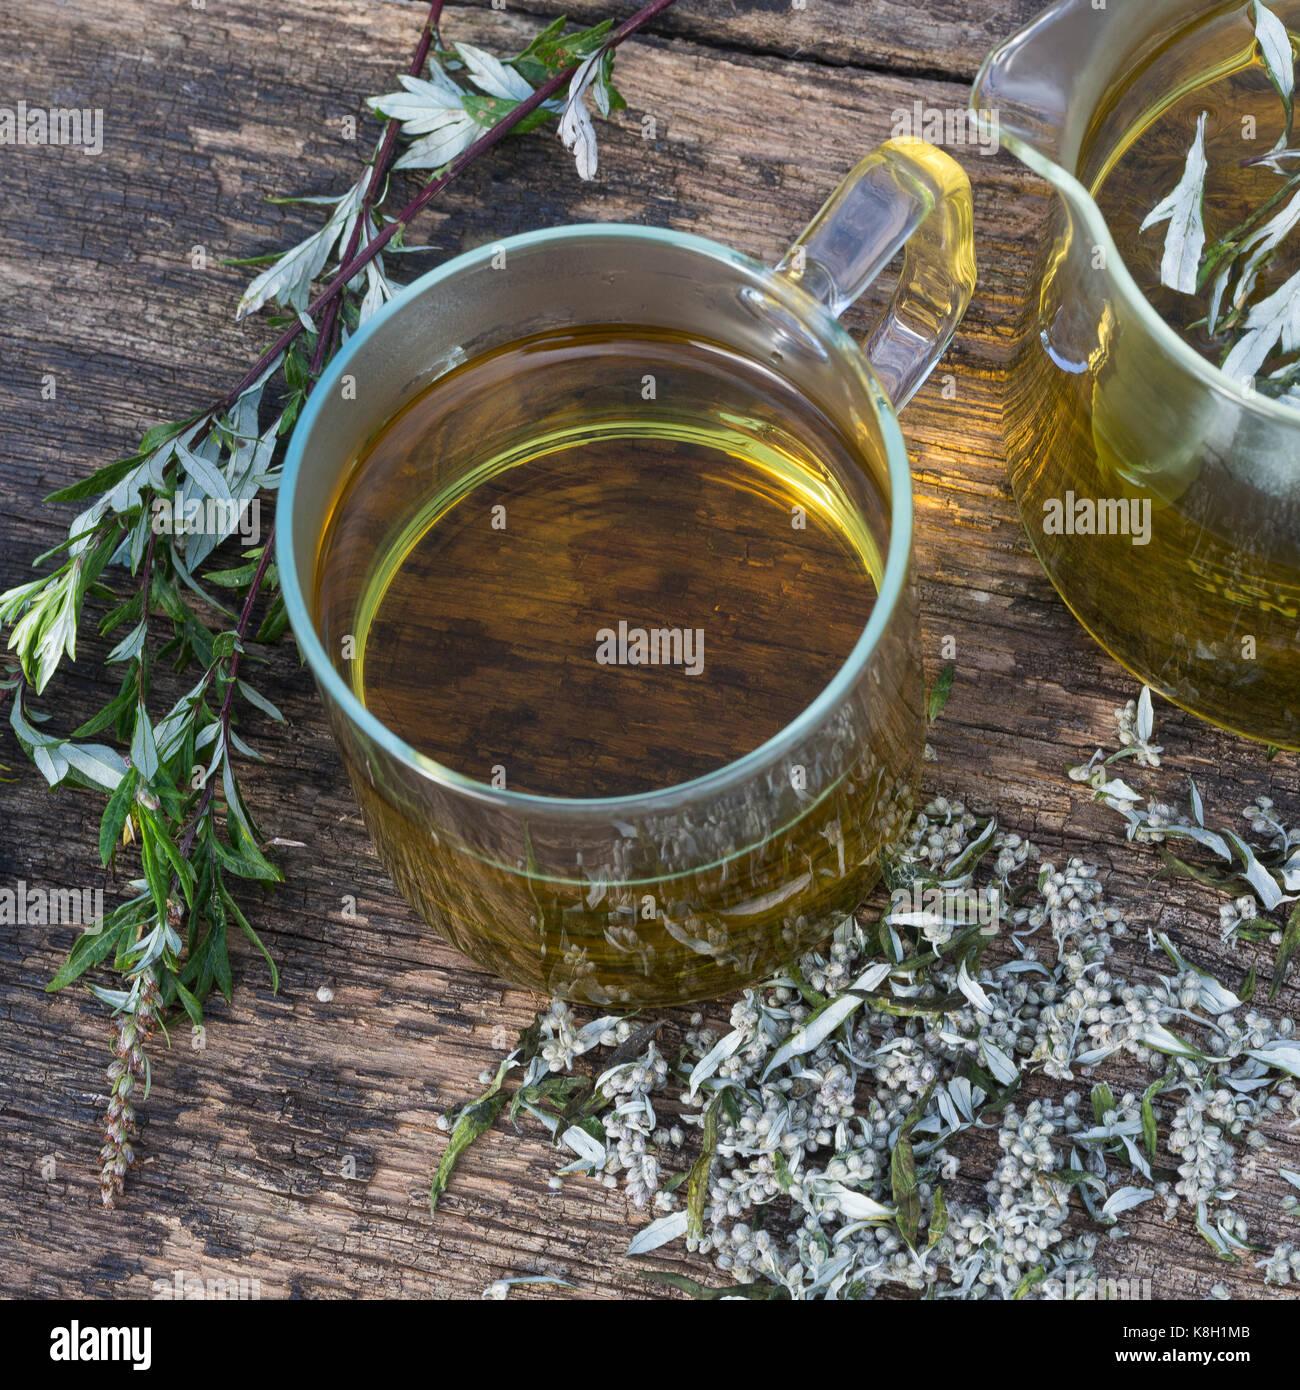 Mugwort Tea Stock Photos & Mugwort Tea Stock Images - Alamy